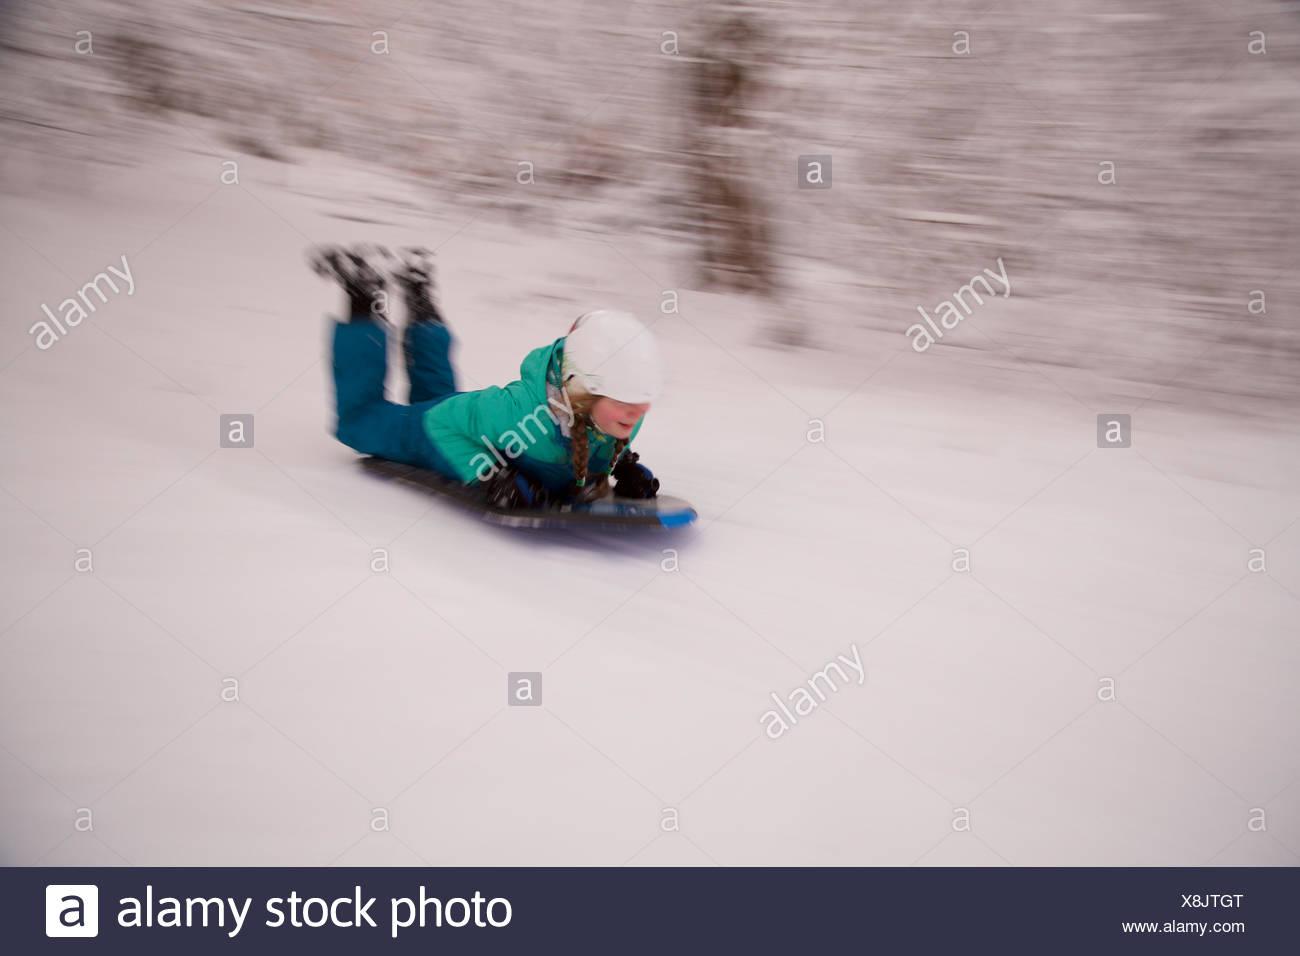 Une jeune fille portant un casque de descente en luge. Photo Stock